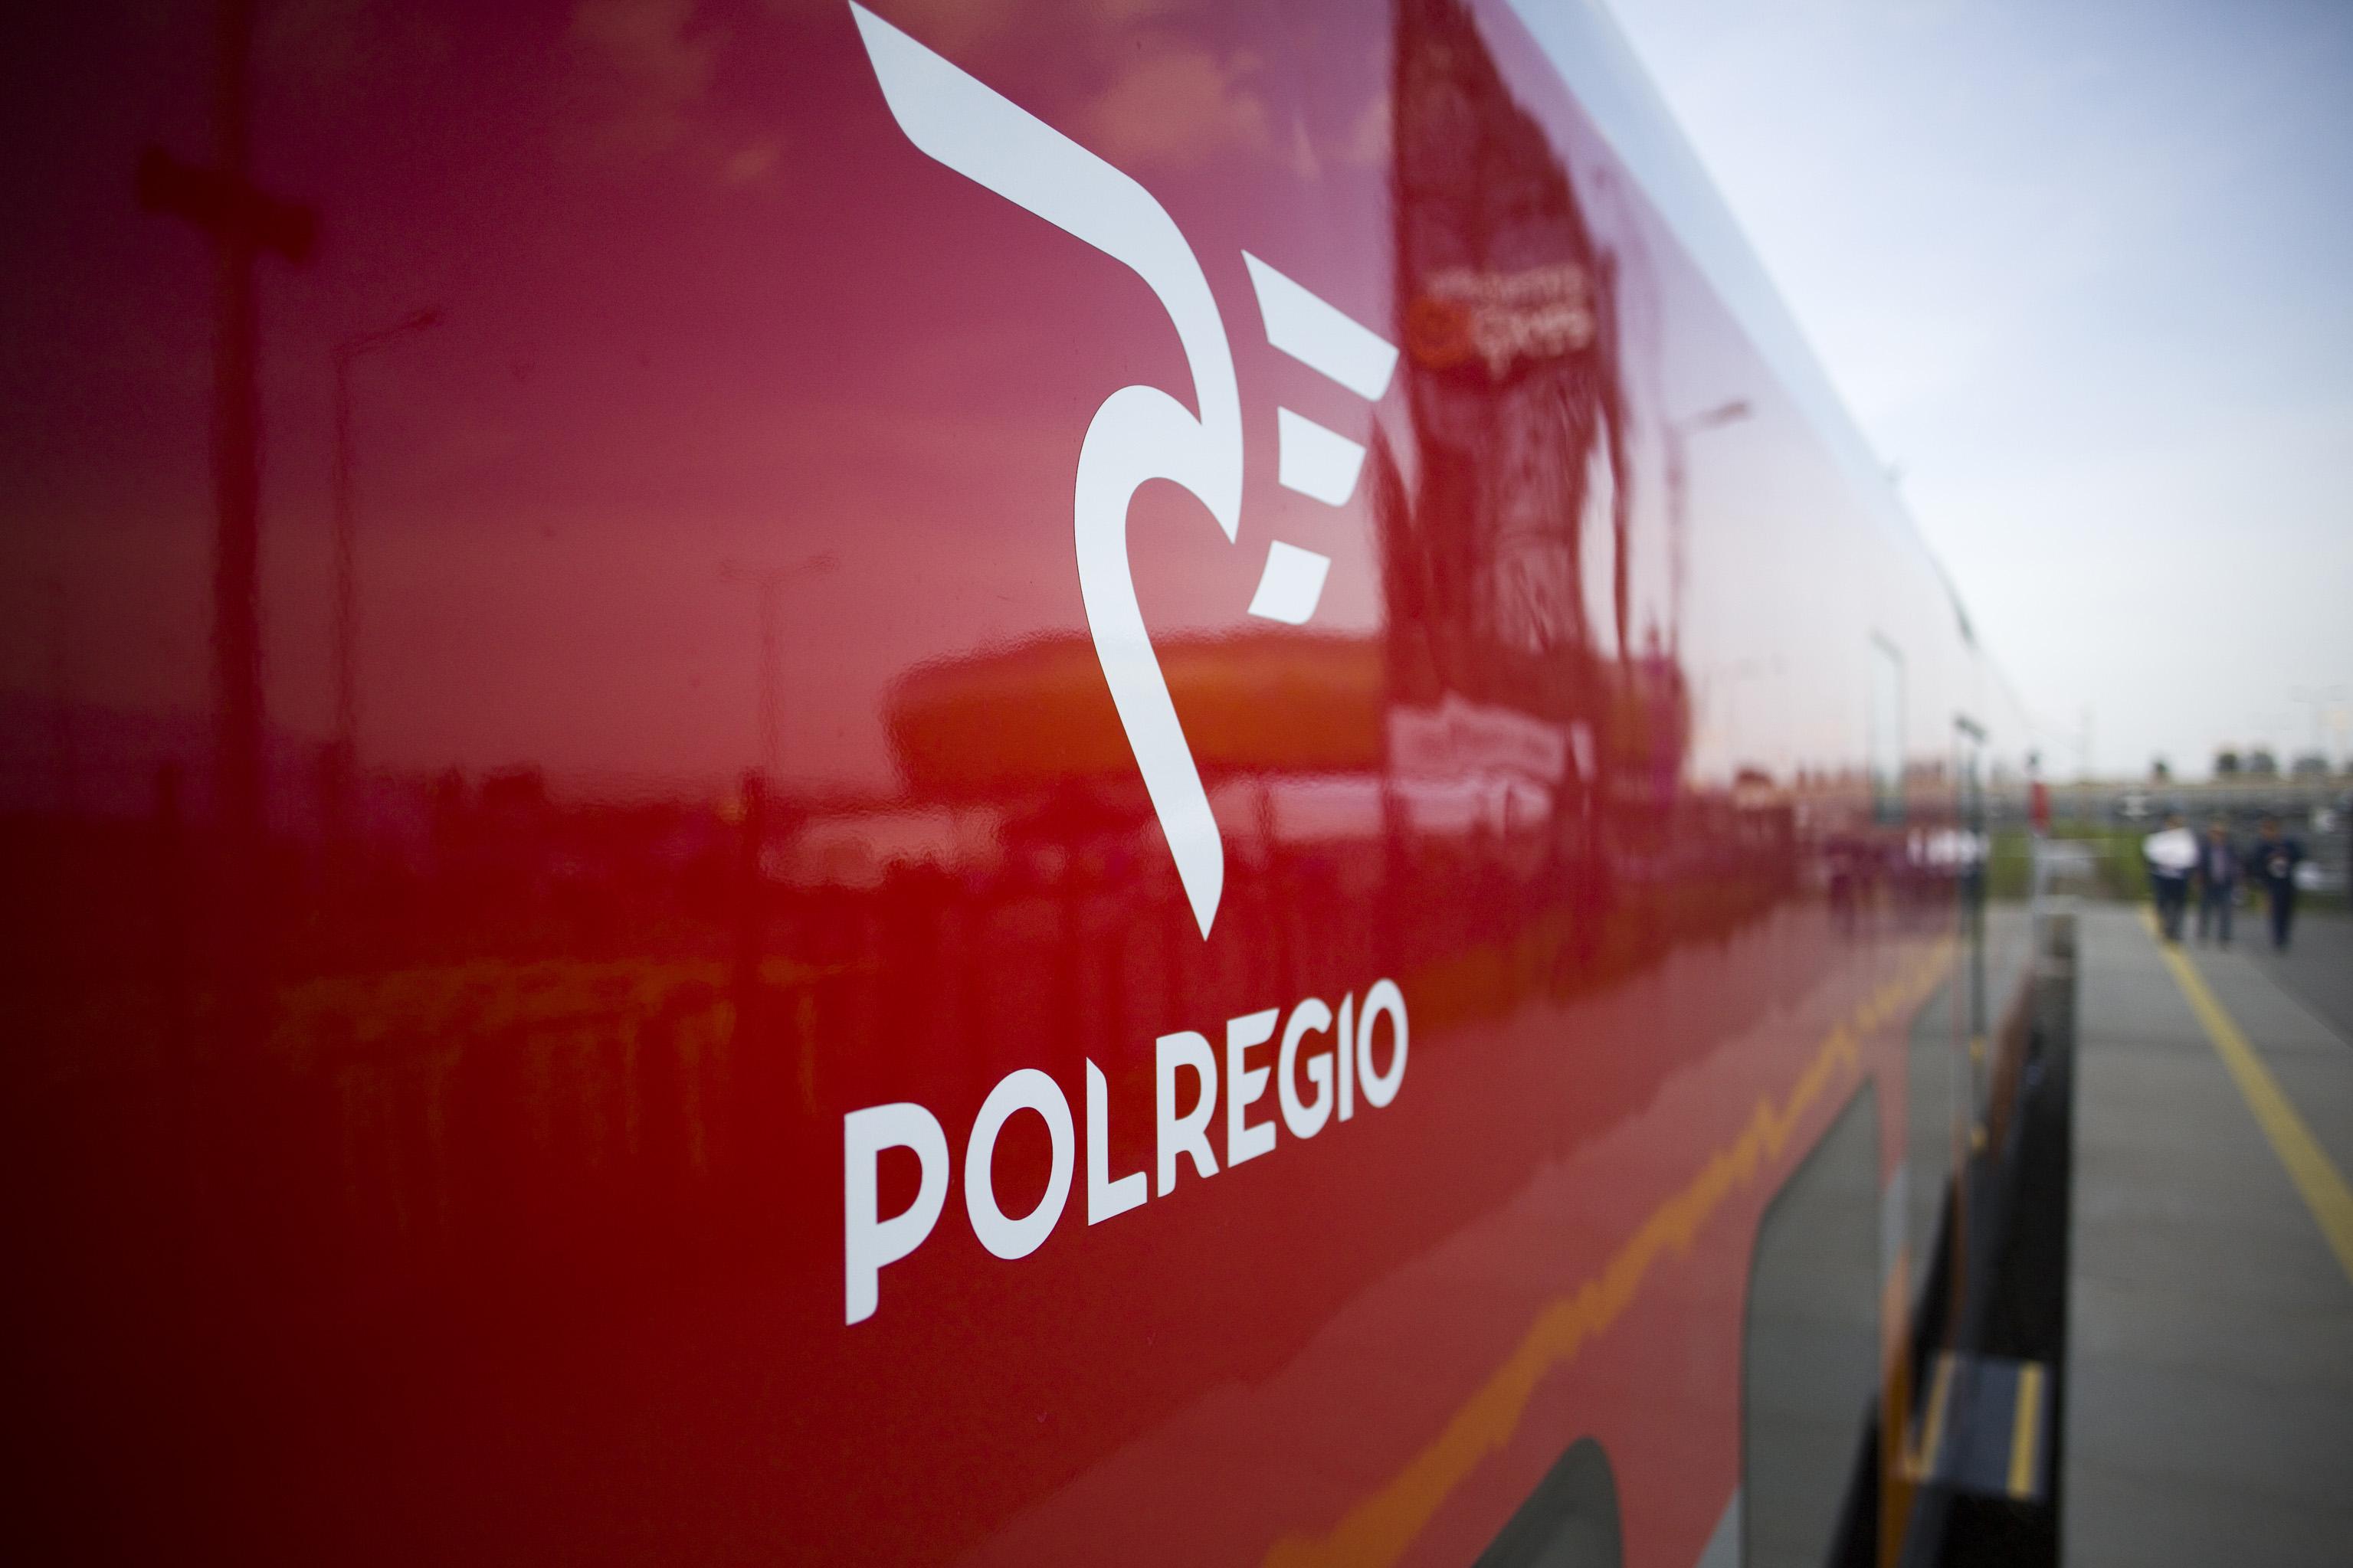 NaKolei.pl -EkoJanosik - Zielona wstęga Polski. POLREGIO wyróżnione za rozwój pojazdów szynowych na Podlasiu